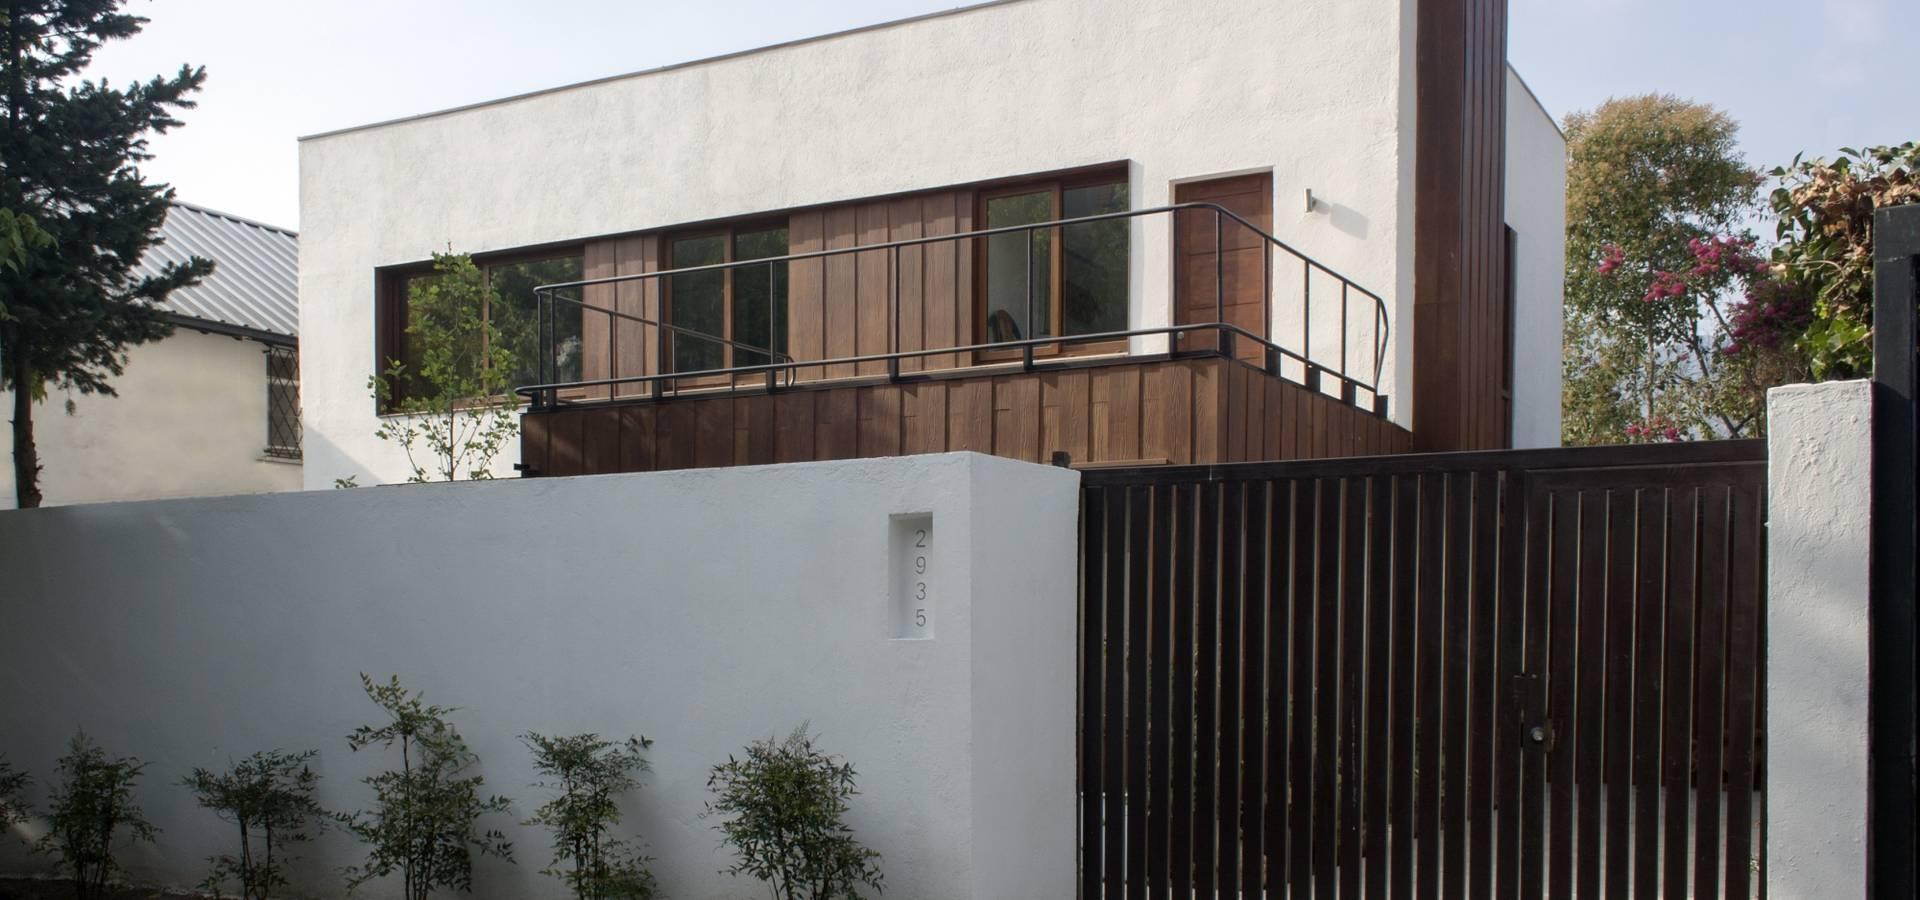 PARQ Arquitectura